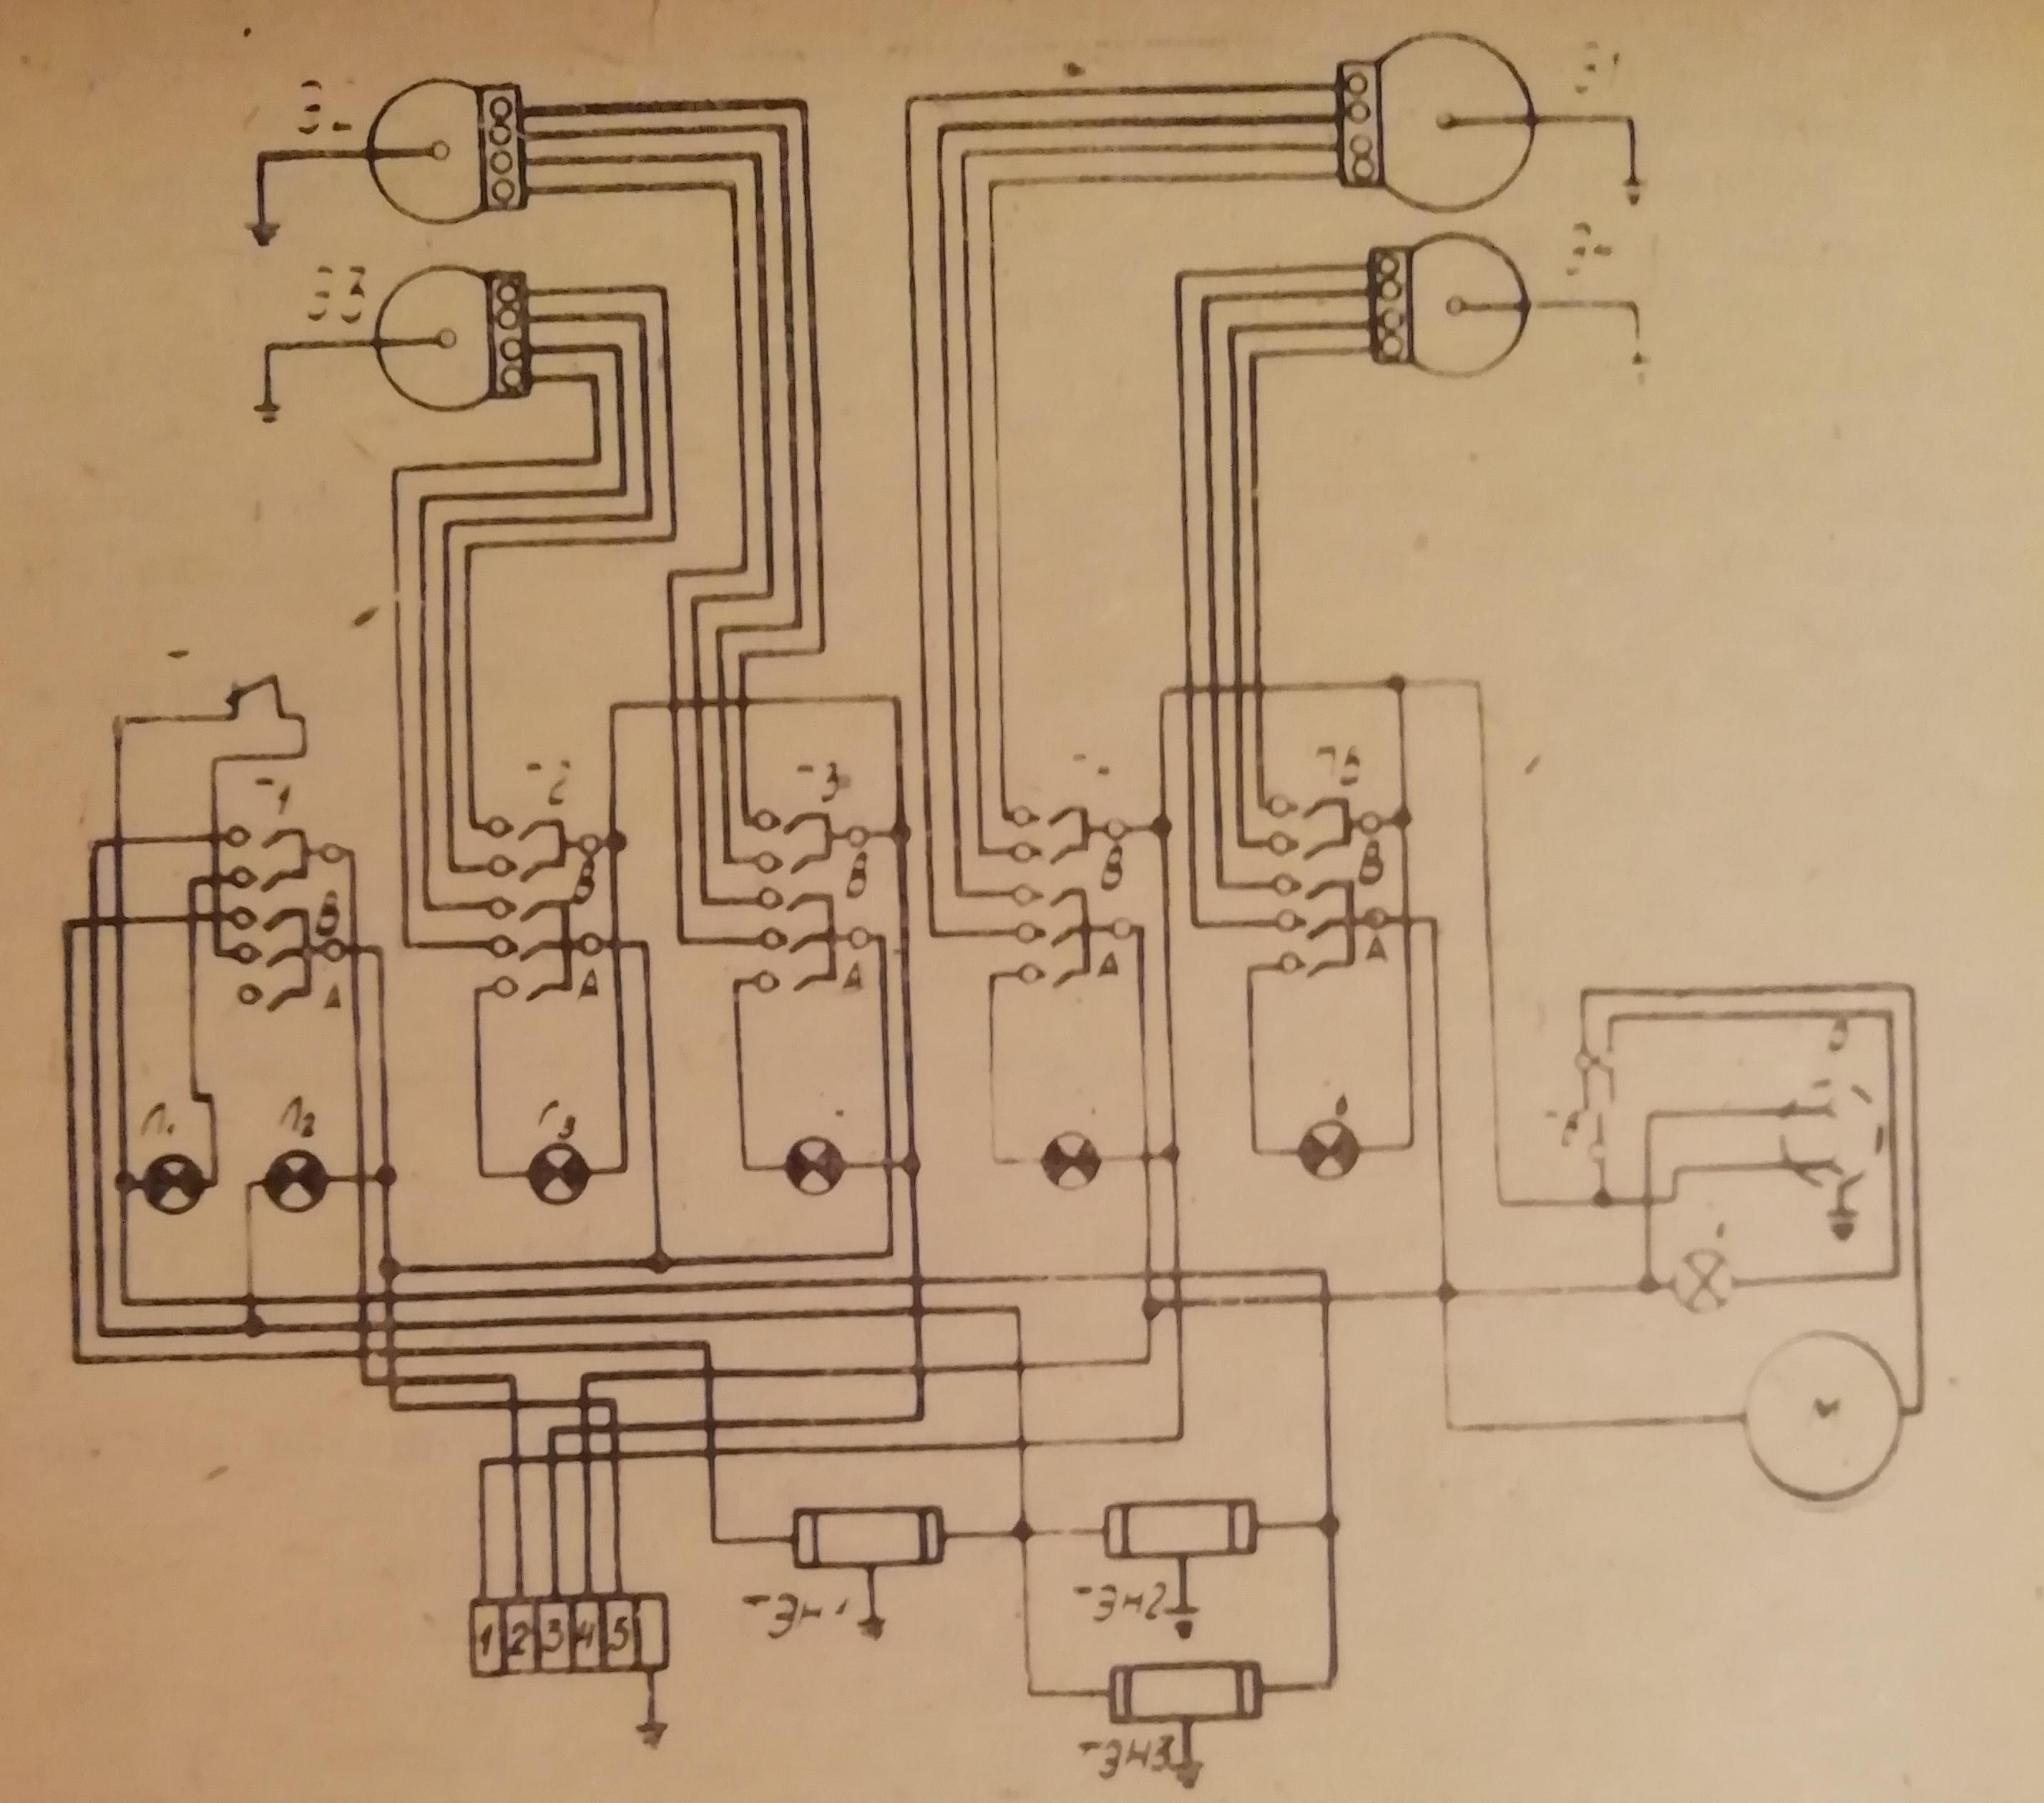 Электроплита нововятка классик схема фото 225